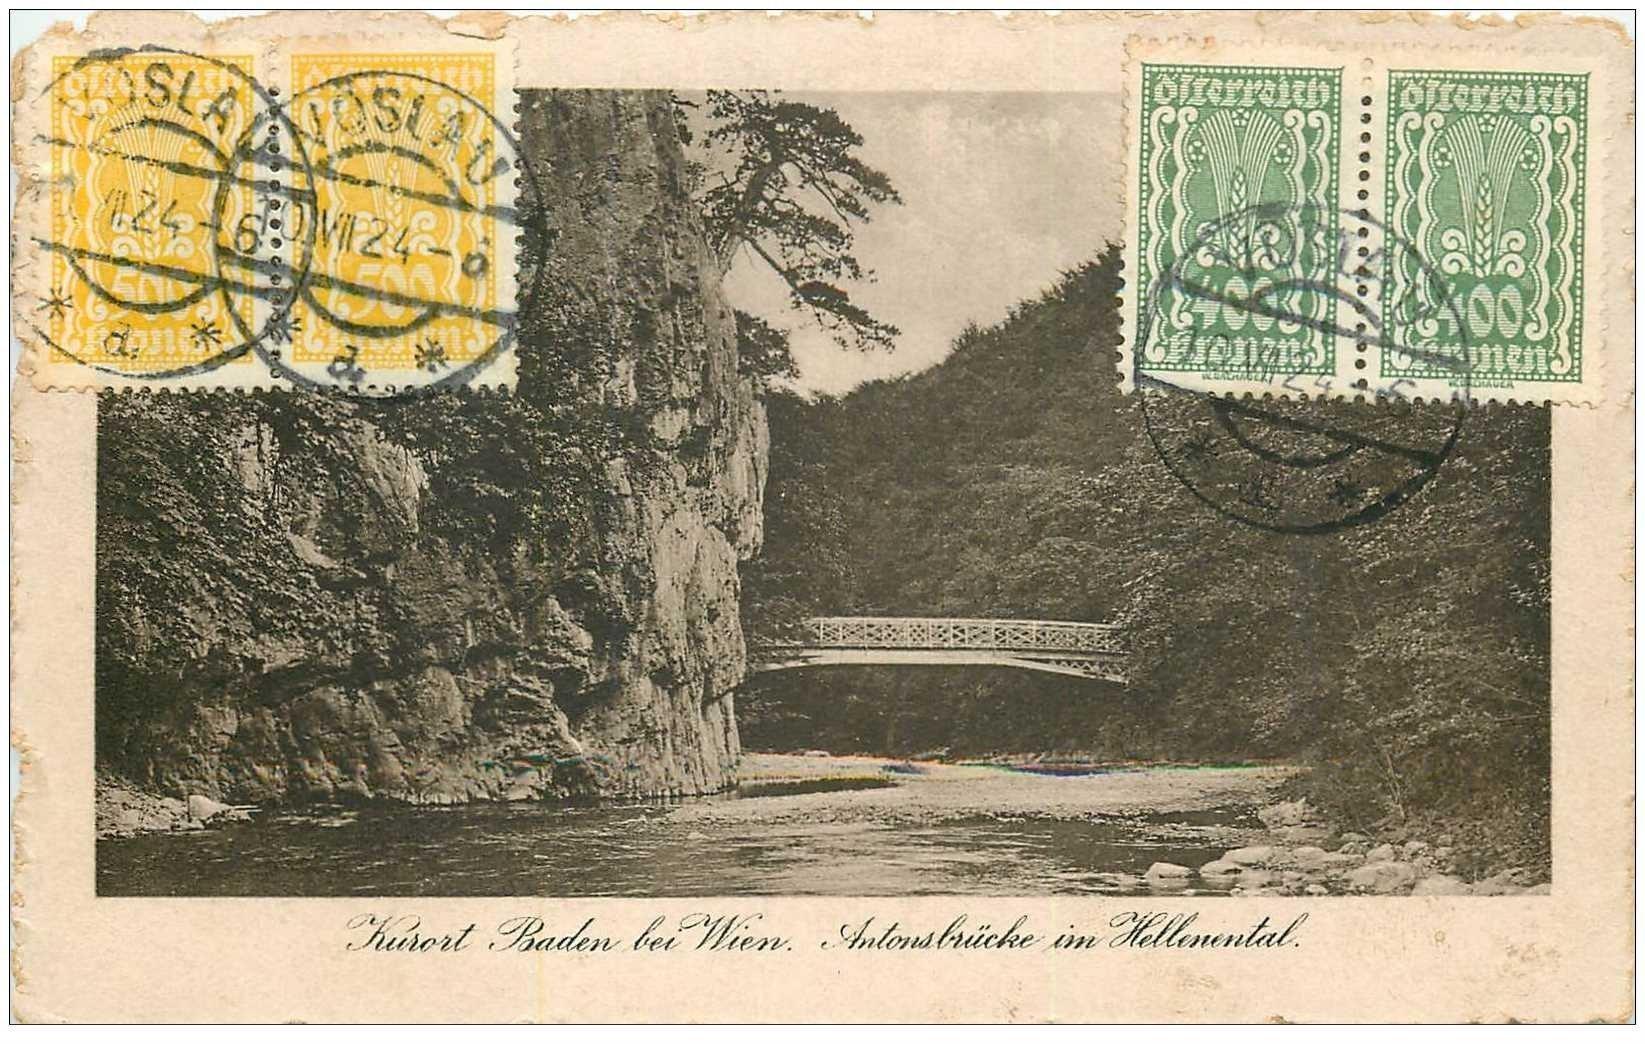 carte postale ancienne WIEN VIENNE. Antonsbrücke im hellenental 1924